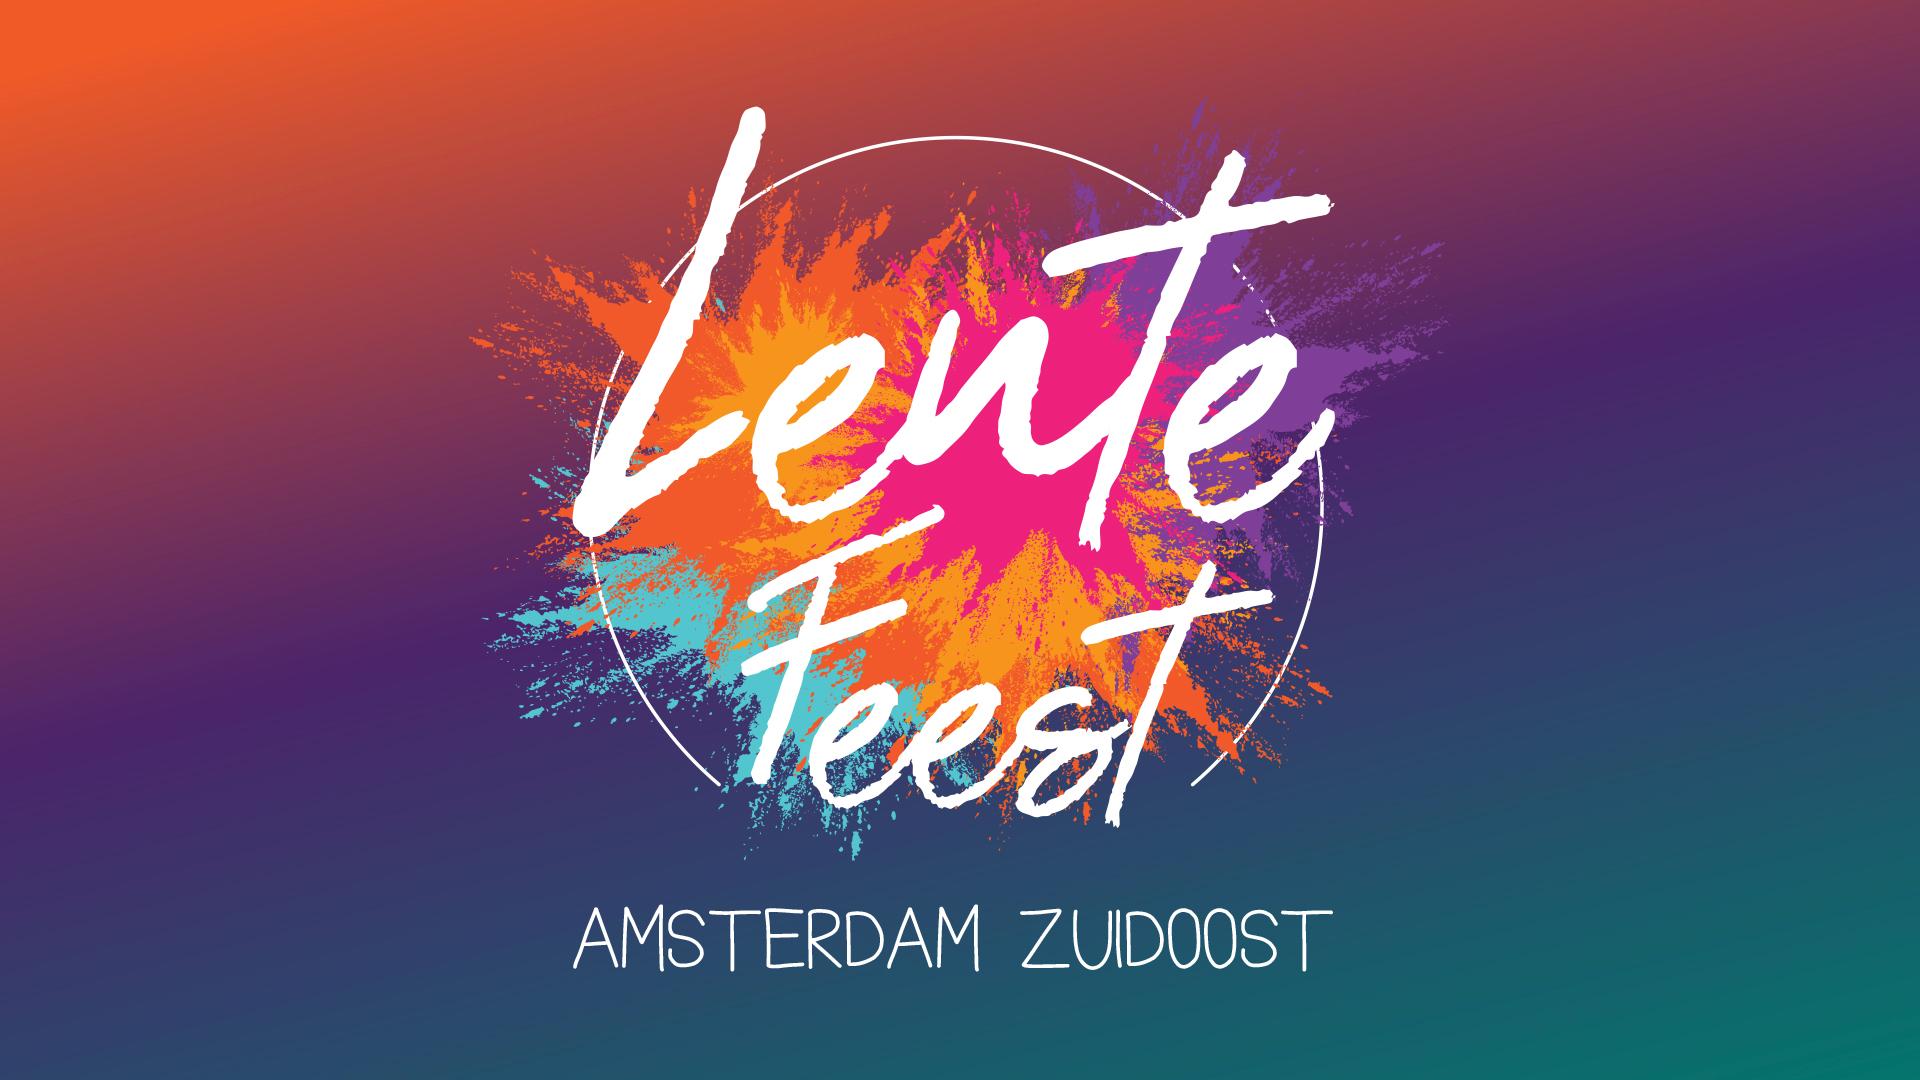 Lente Feest Amsterdam Zuidoost